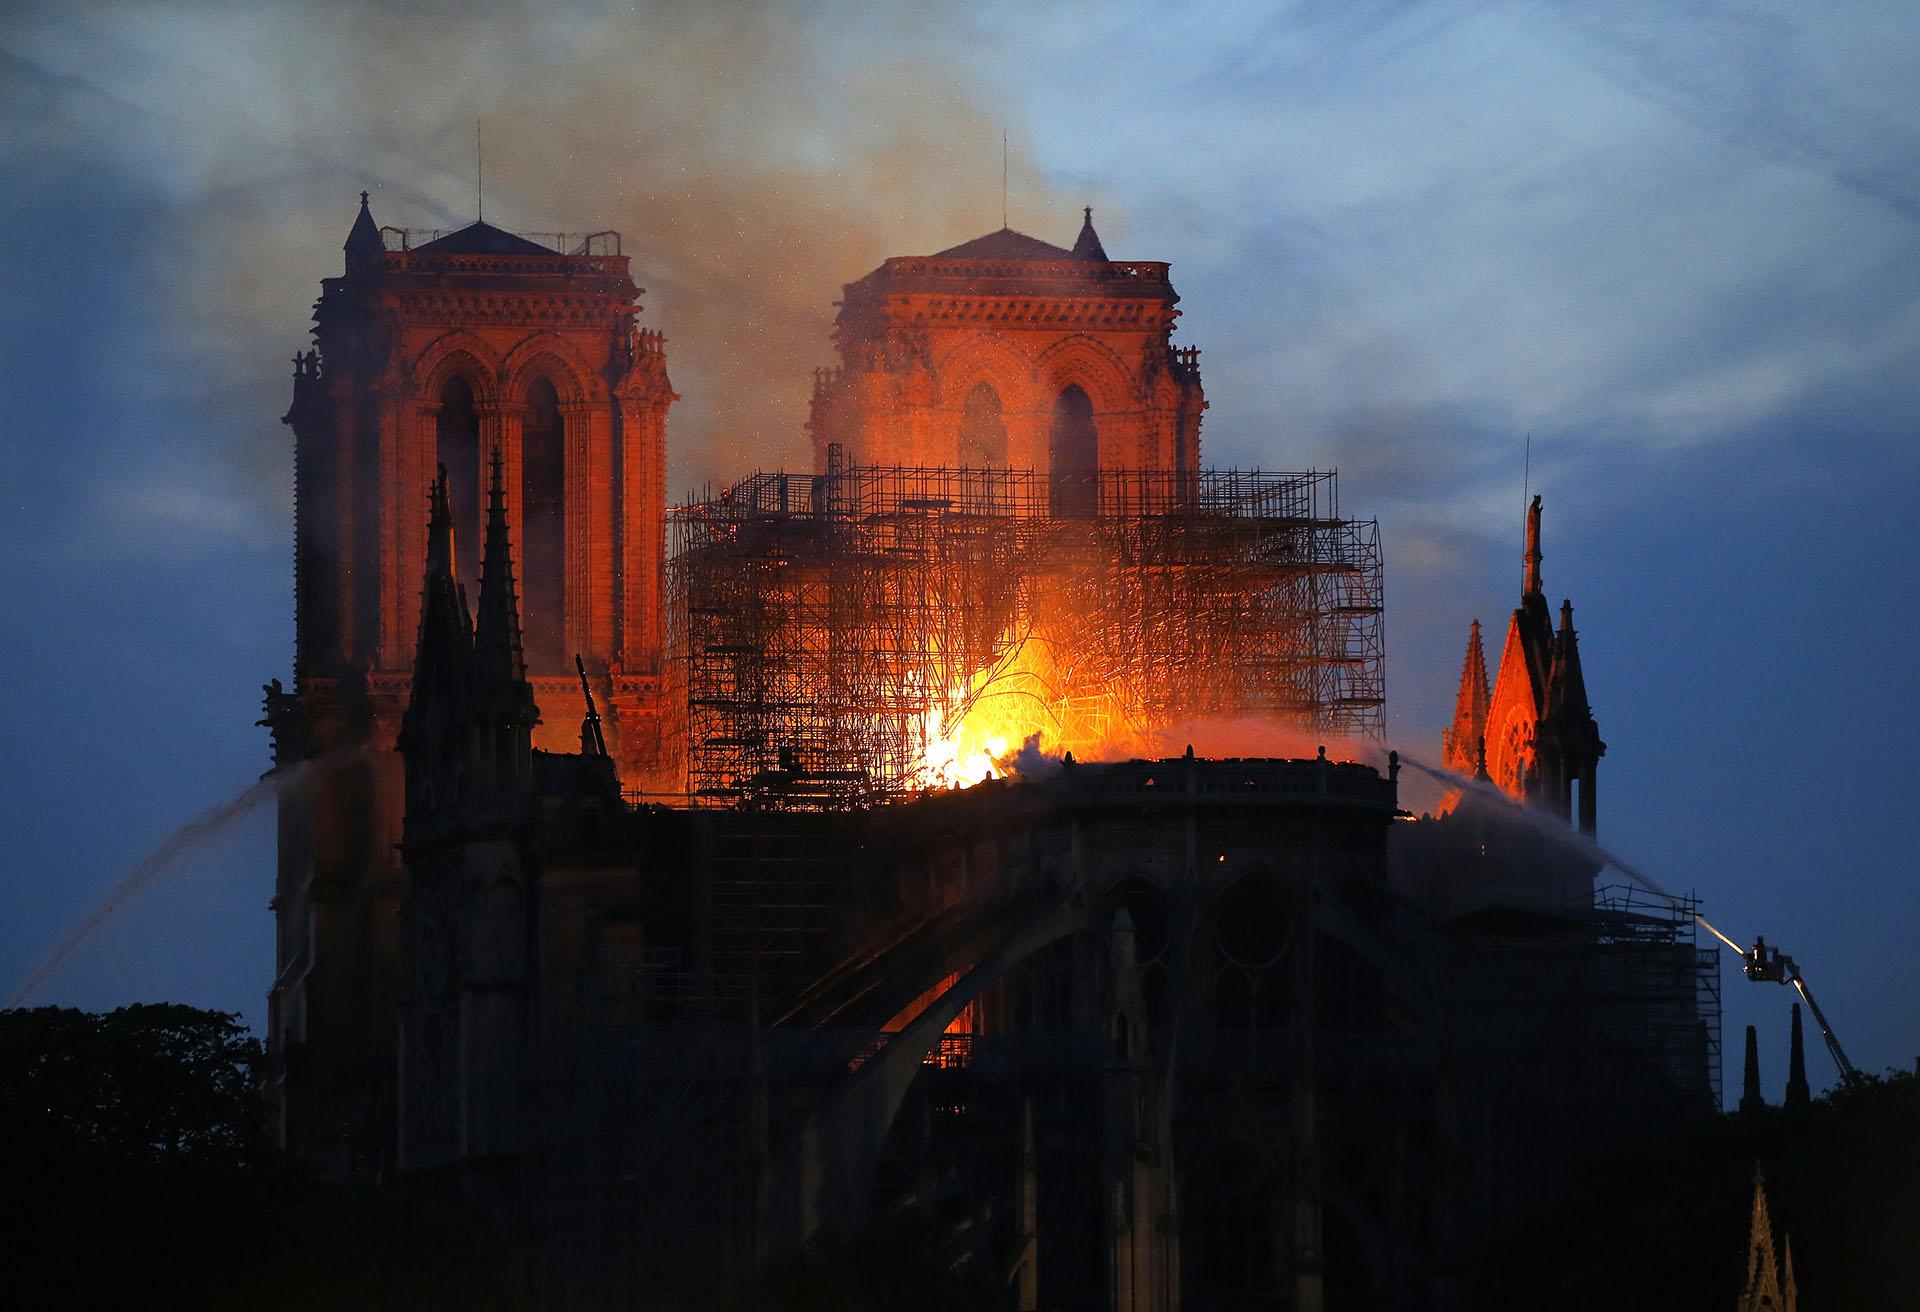 Incendio de Notre Dame (Fuente: Infobae)